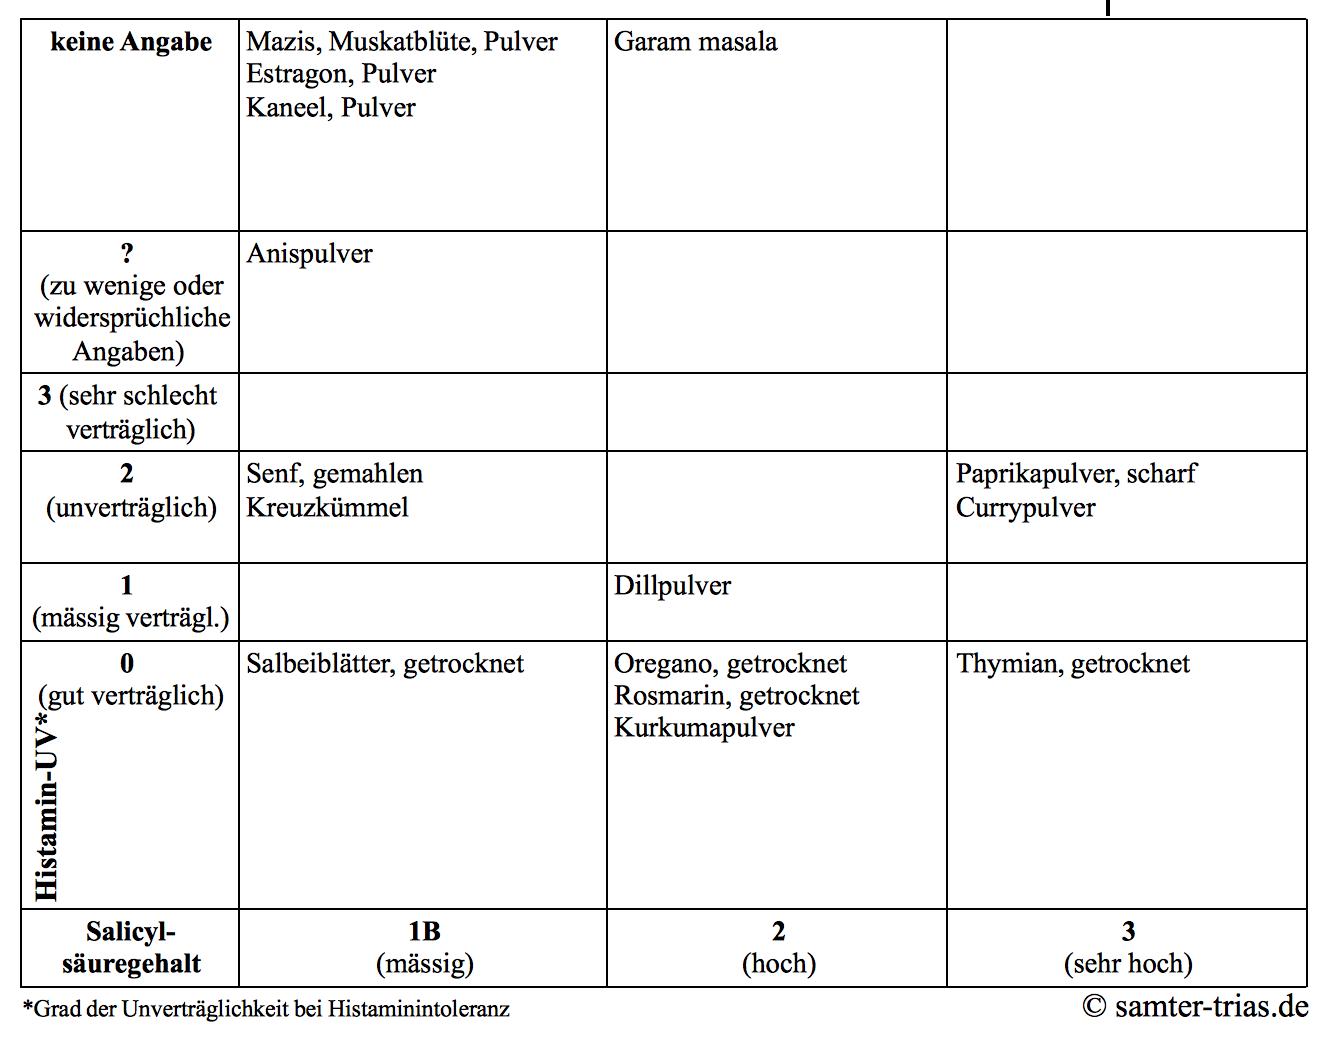 Tabelle zum Salicylsäure- und Histamingehalt von Gewürzen 2